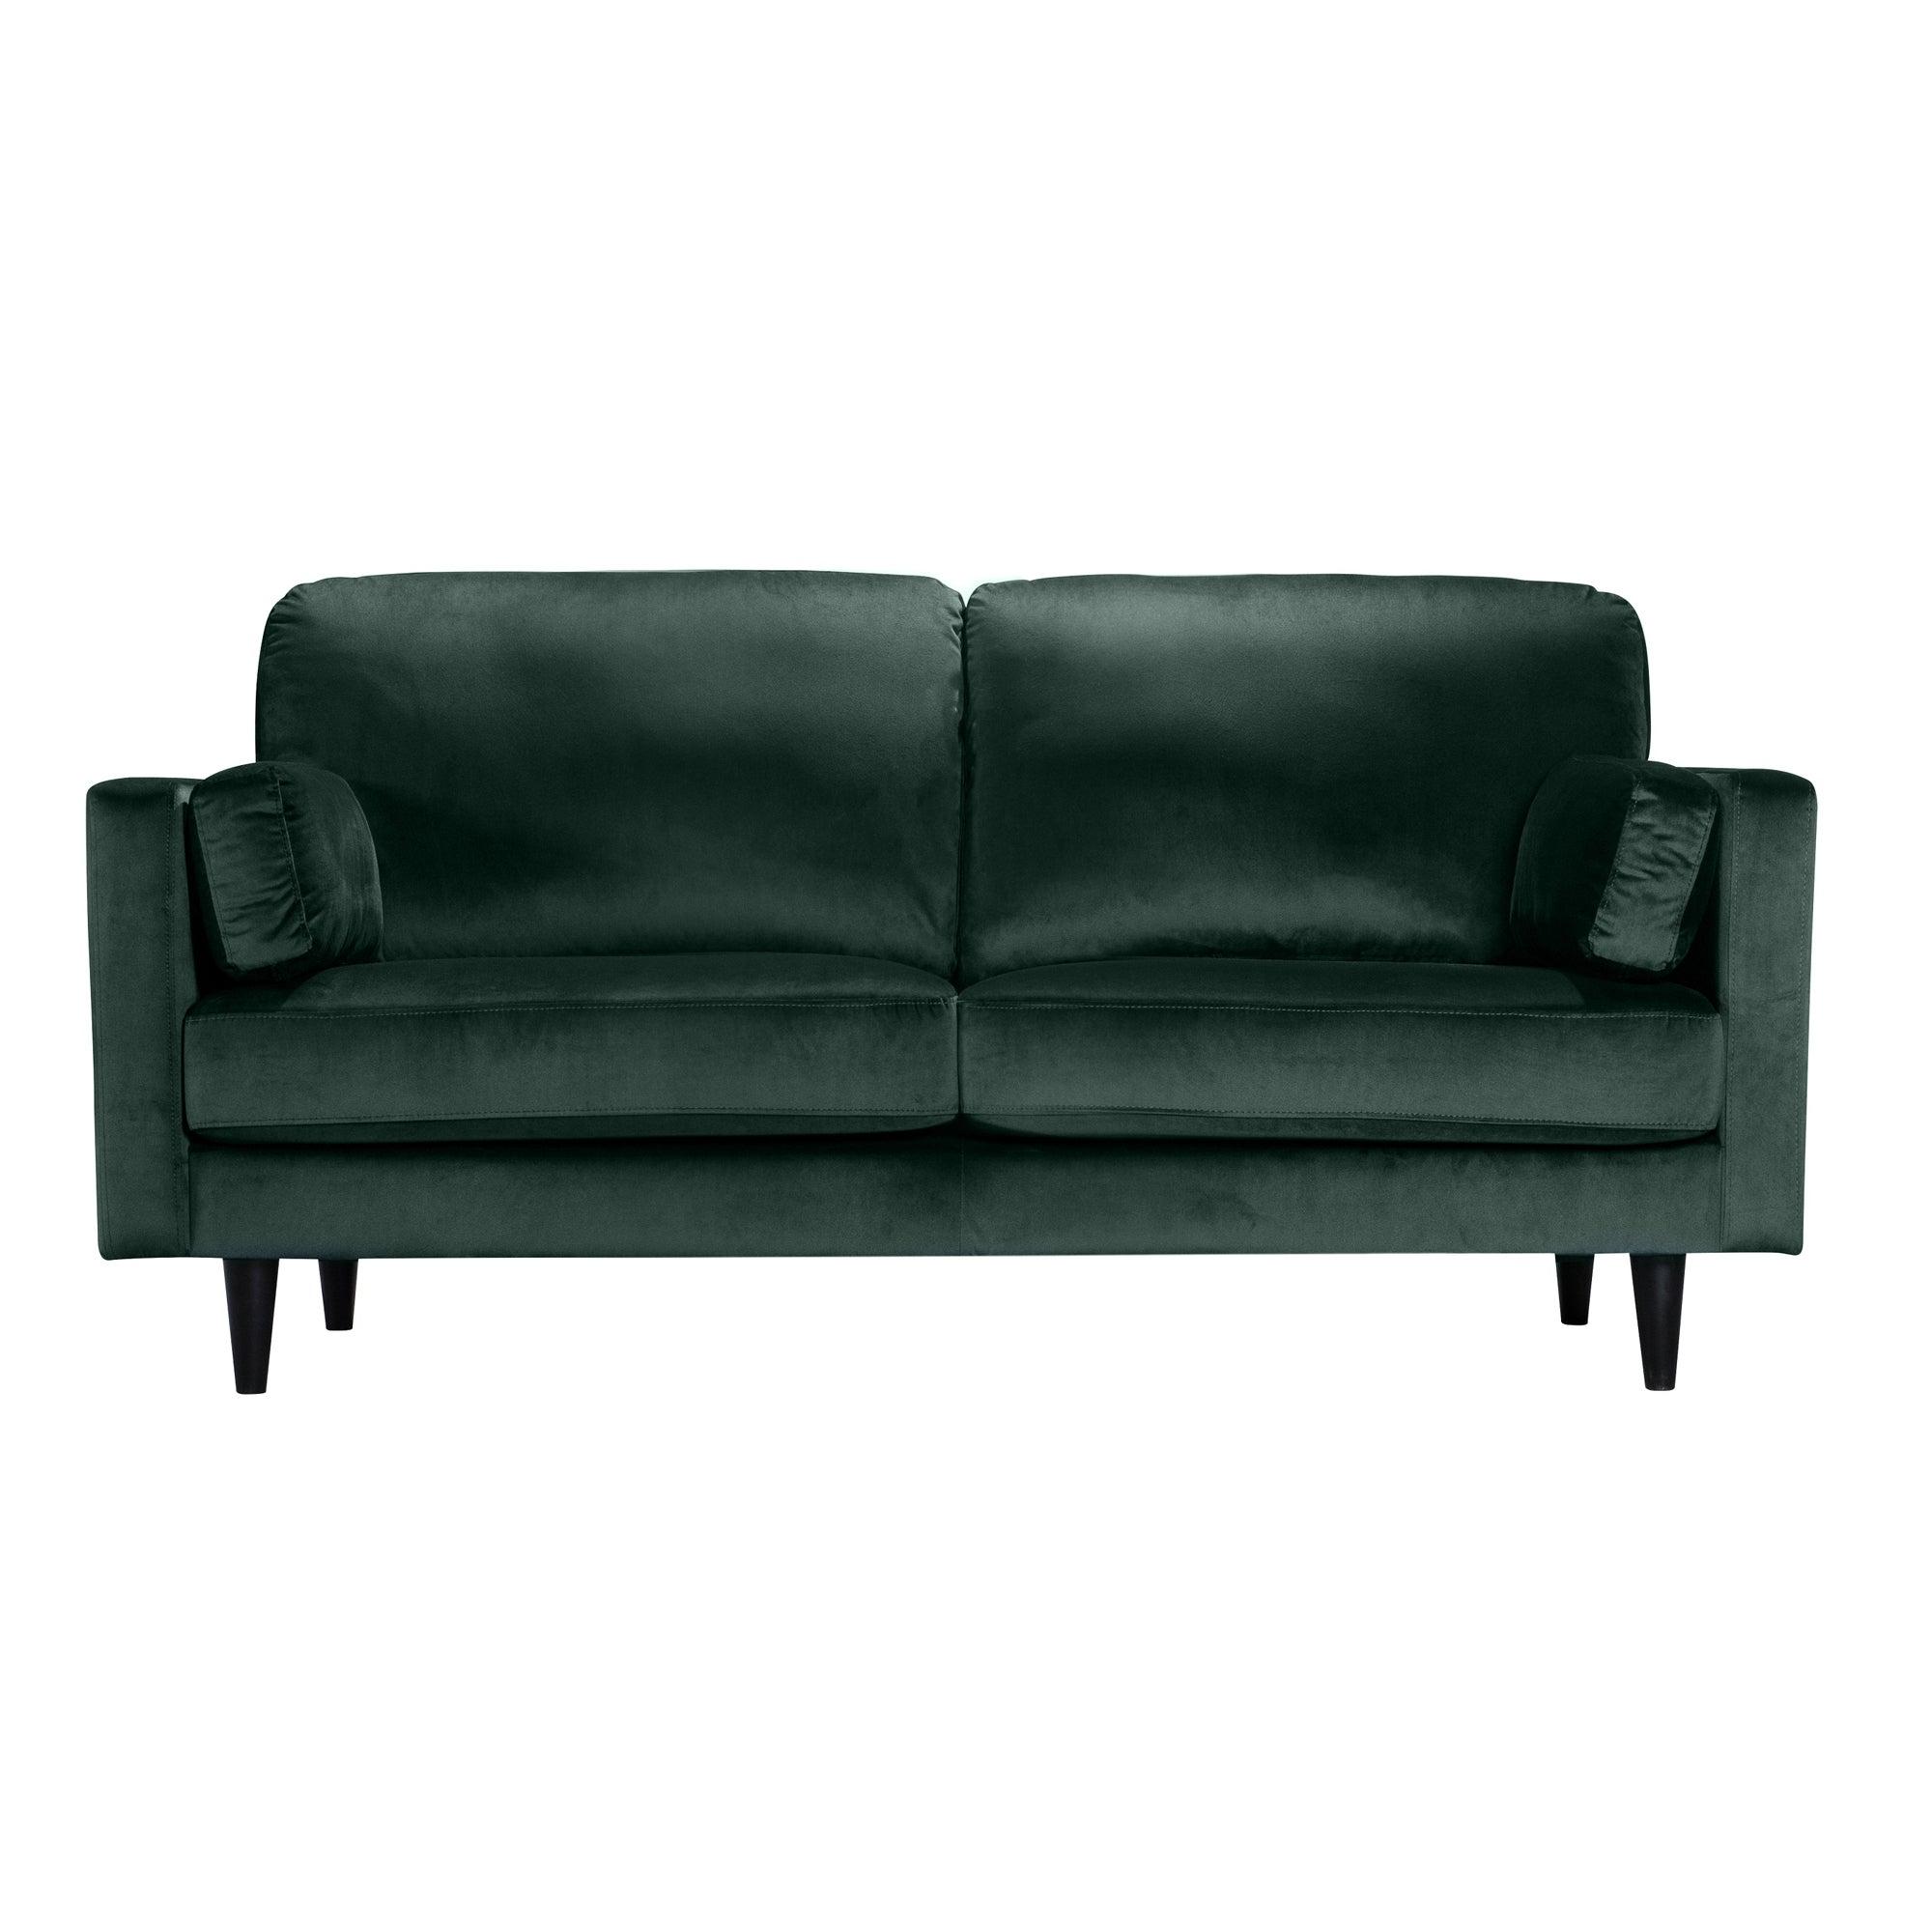 Dunelm Sheldon Velvet 2 Seater Sofa Bottle (Green) |